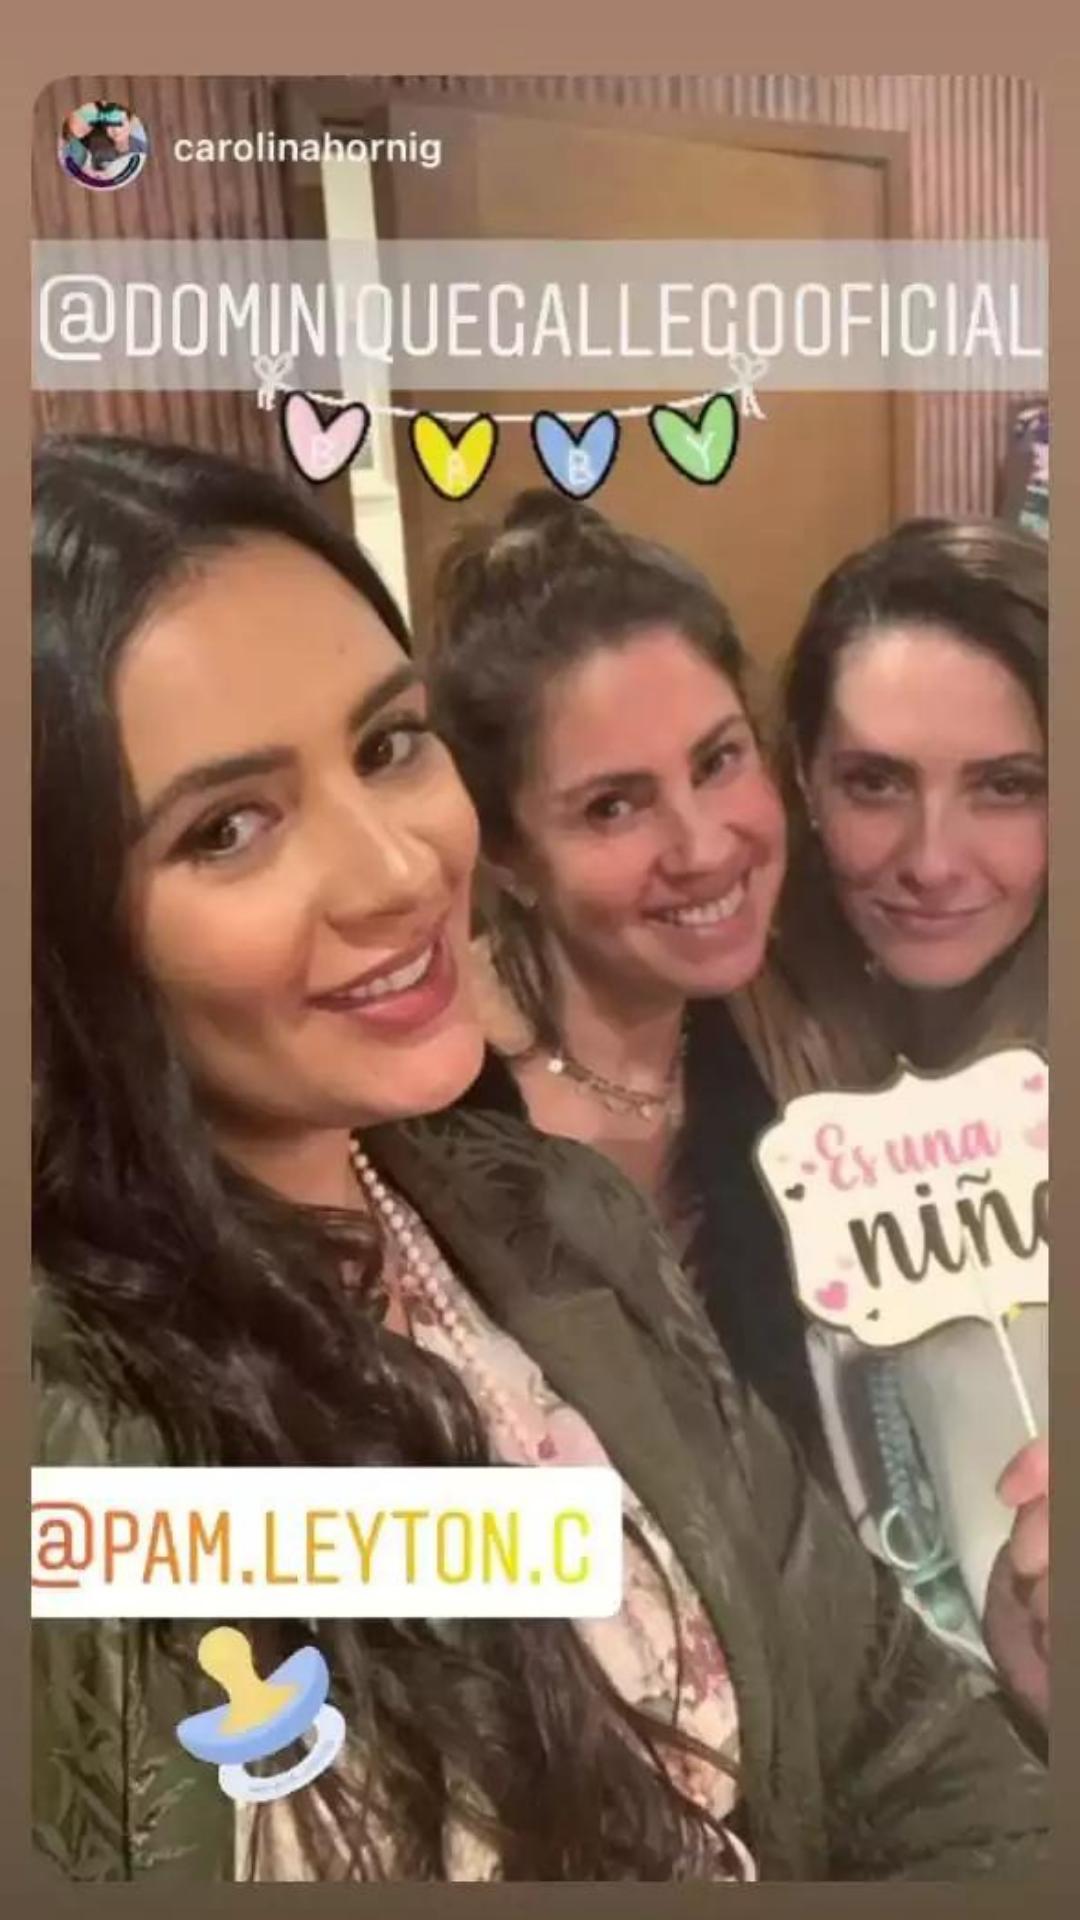 Dominique Gallego Celebro Baby Shower Con Intimo Encuentro Con Amigas